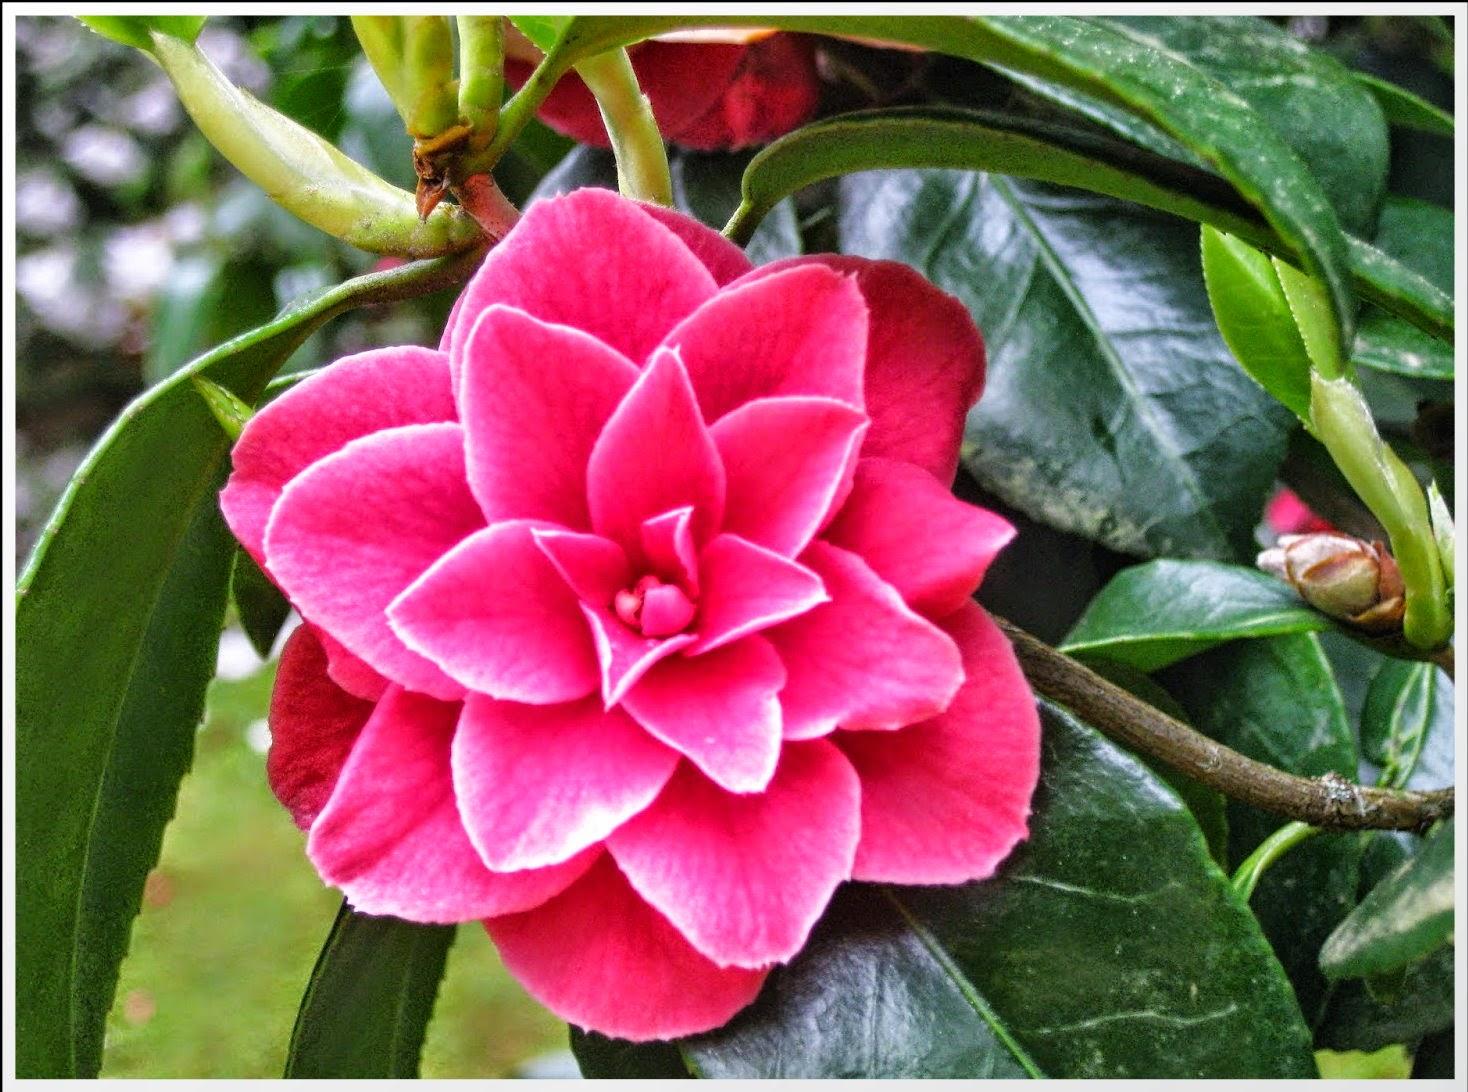 самые красивые цветы картинки - Фото-картинки самых красивых цветов!!!! ВКонтакте